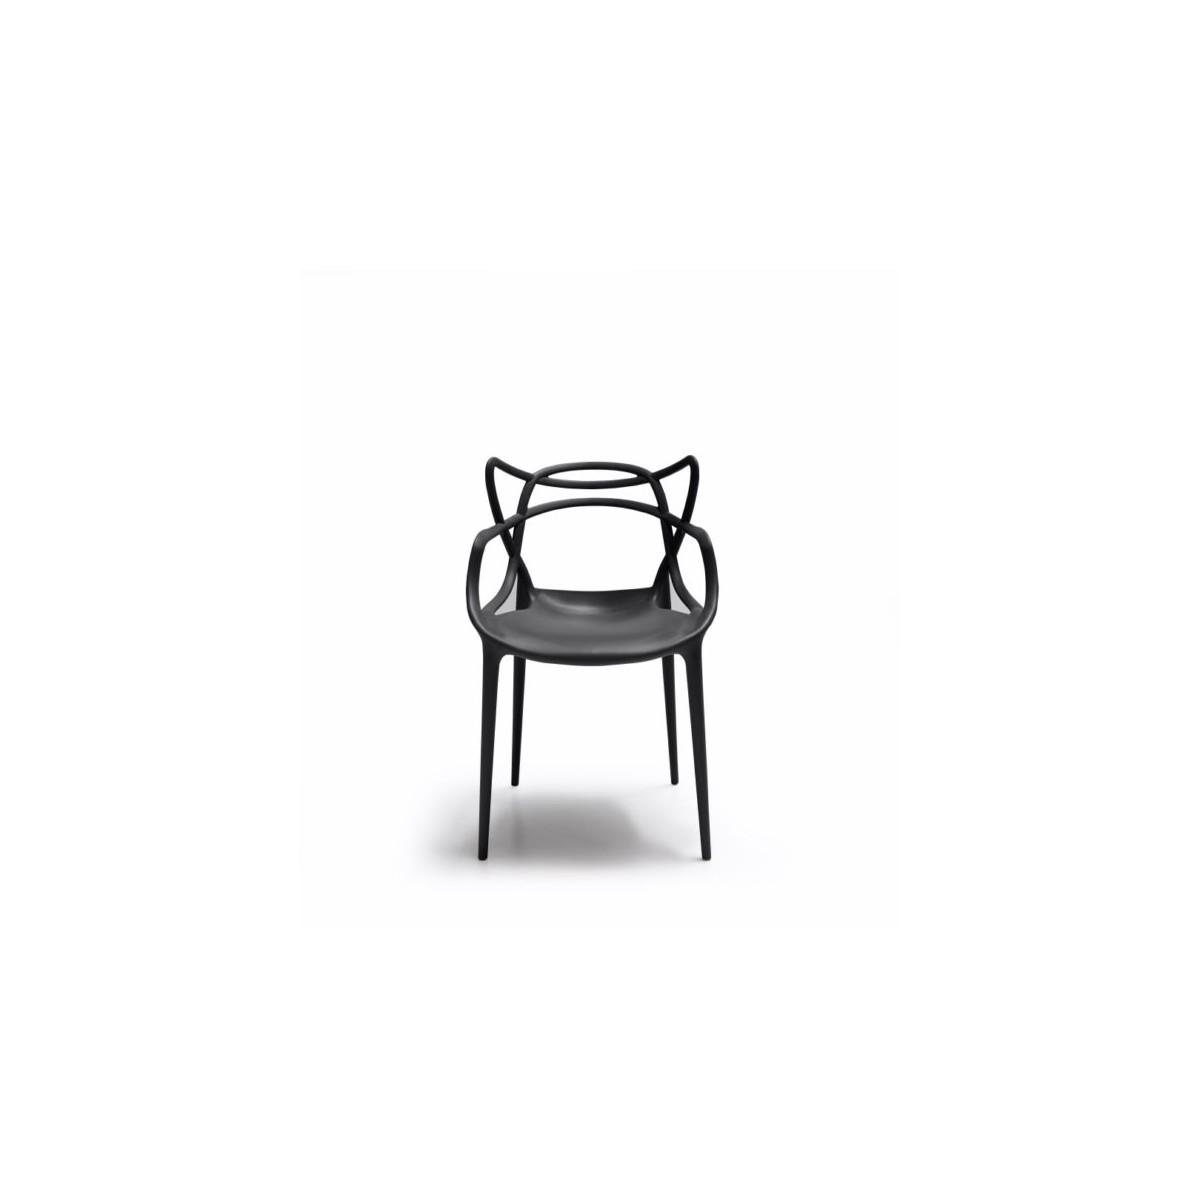 Silla comedor dise o modelo popper varios colores mubeko for Comedor sillas colores